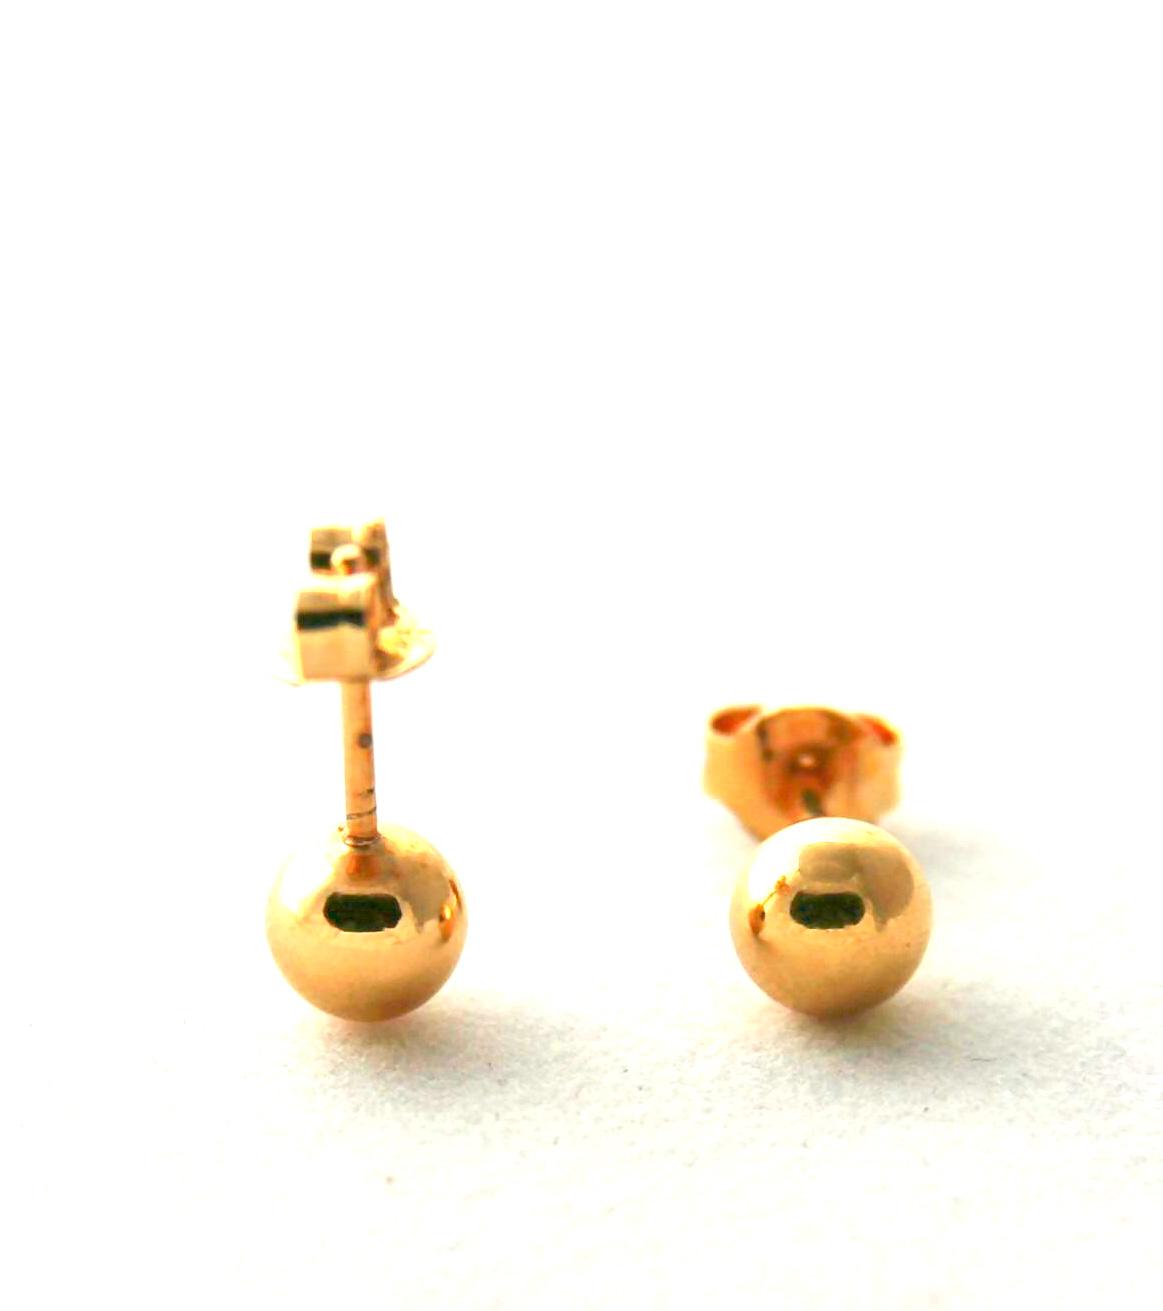 Sphères dorées lisses – Boucles d'oreilles boules 6 mm